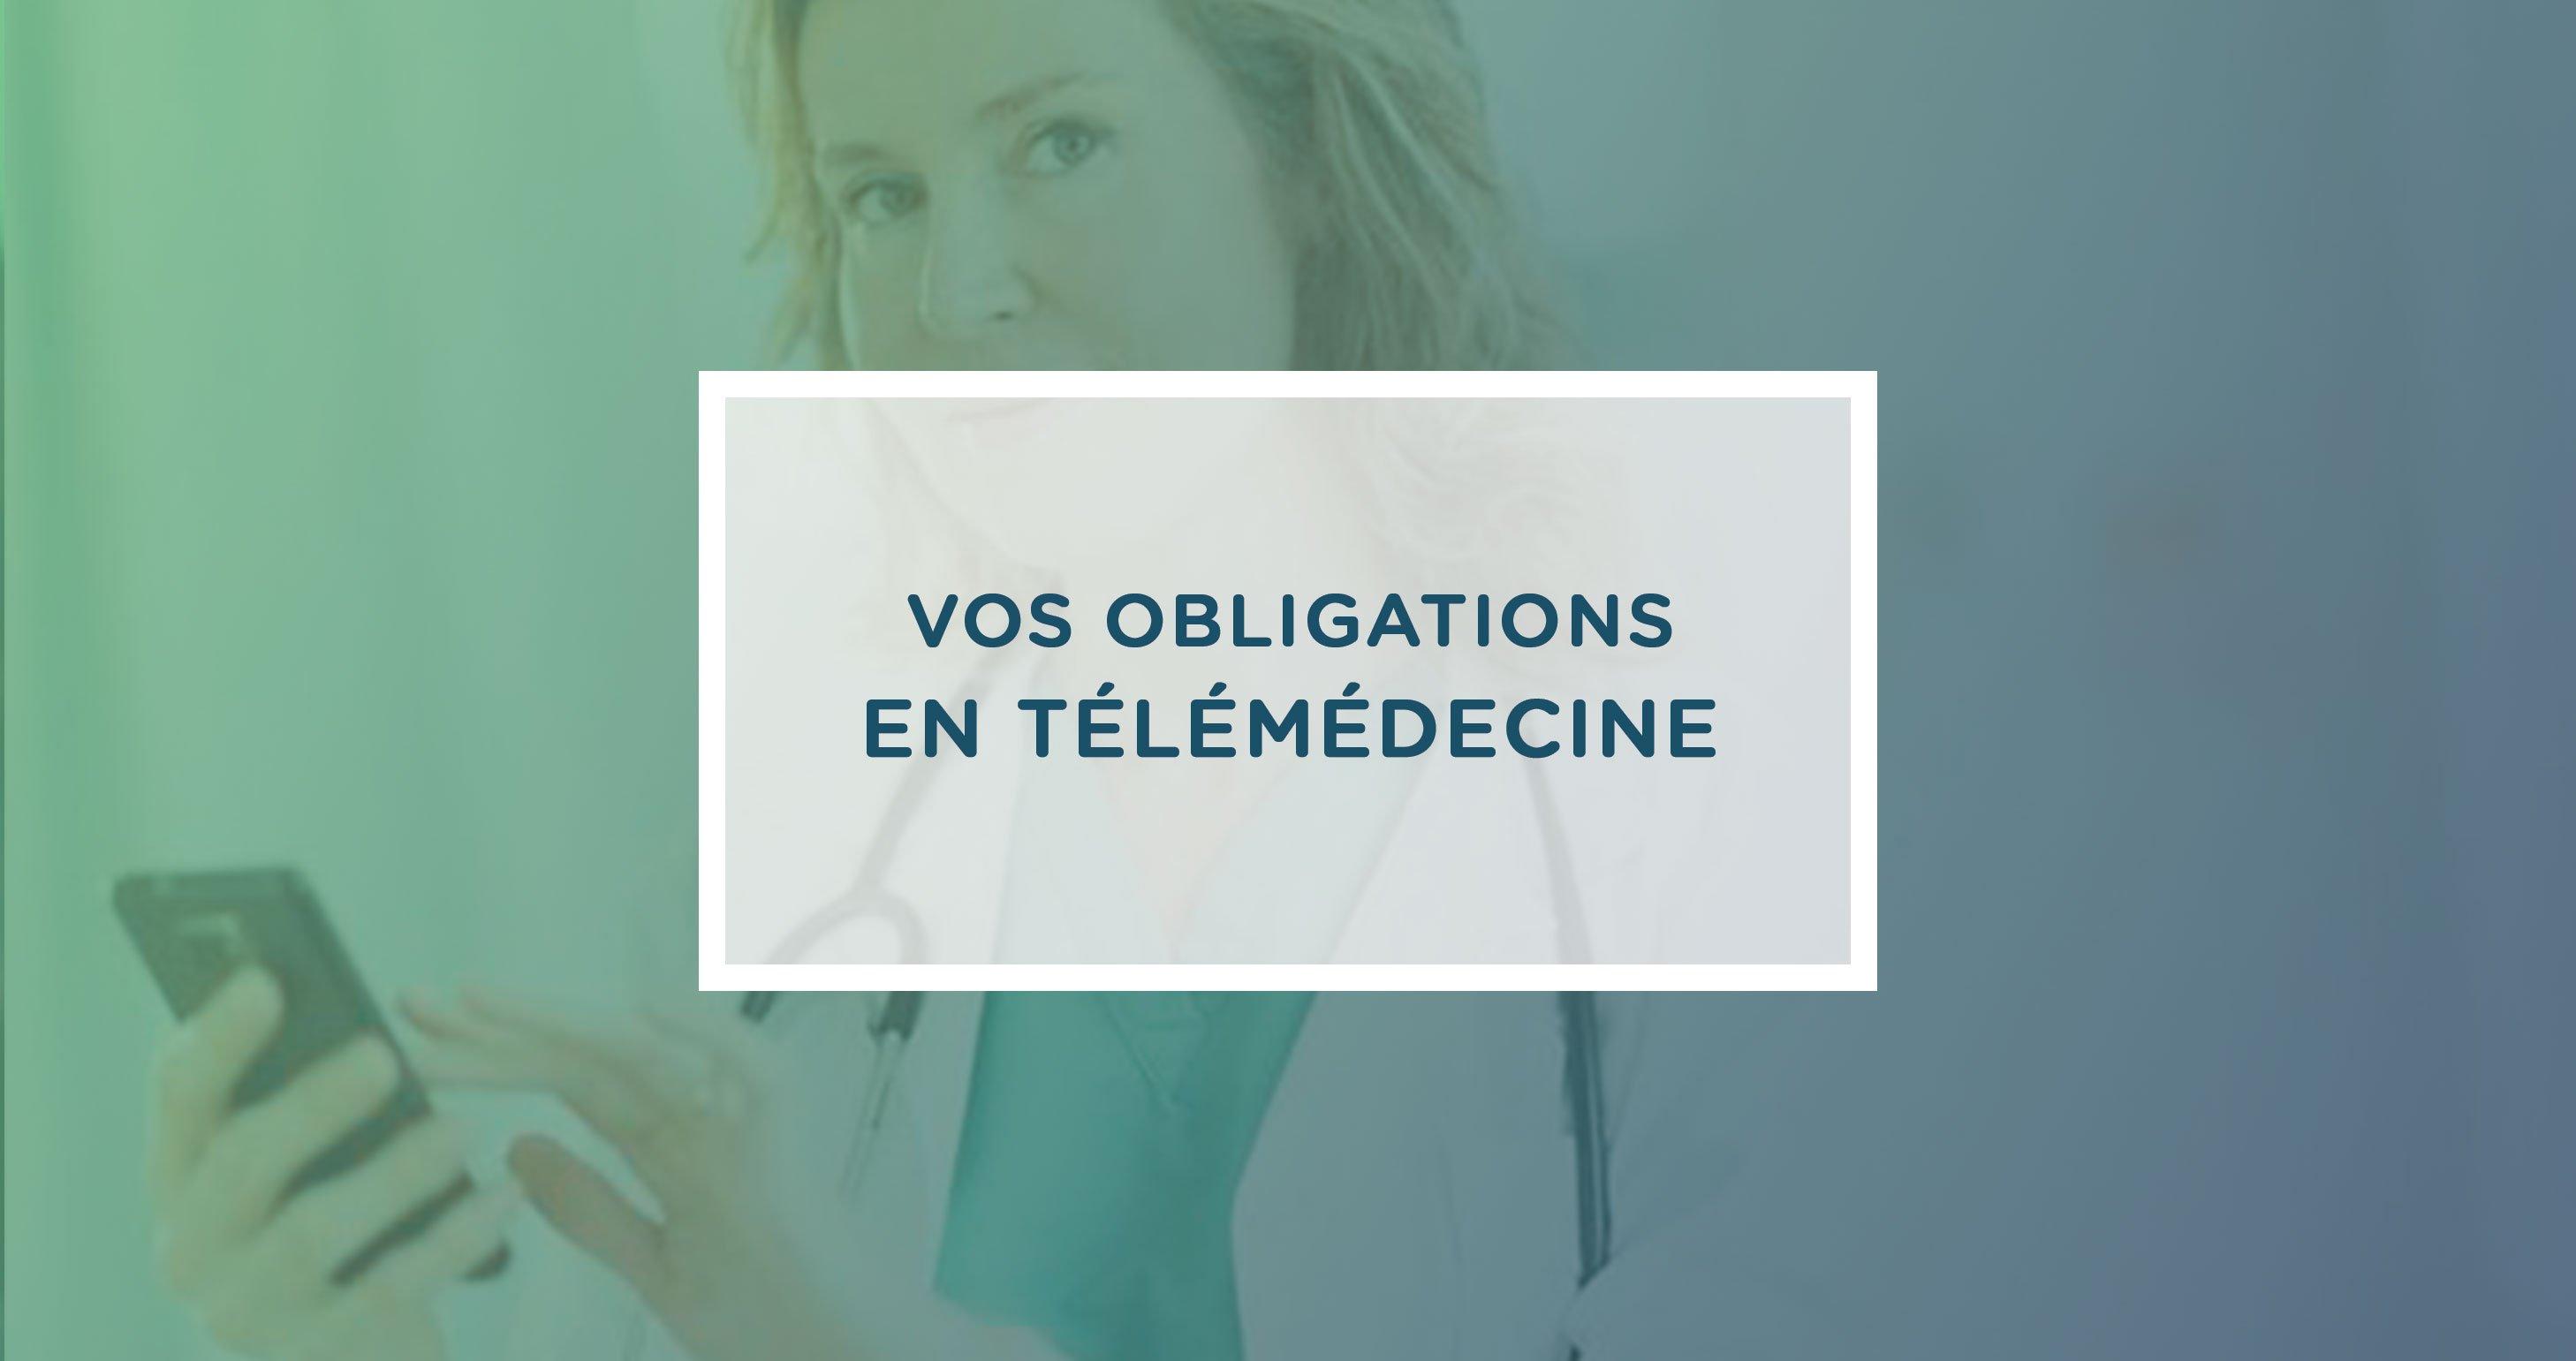 obligations-telemedecine